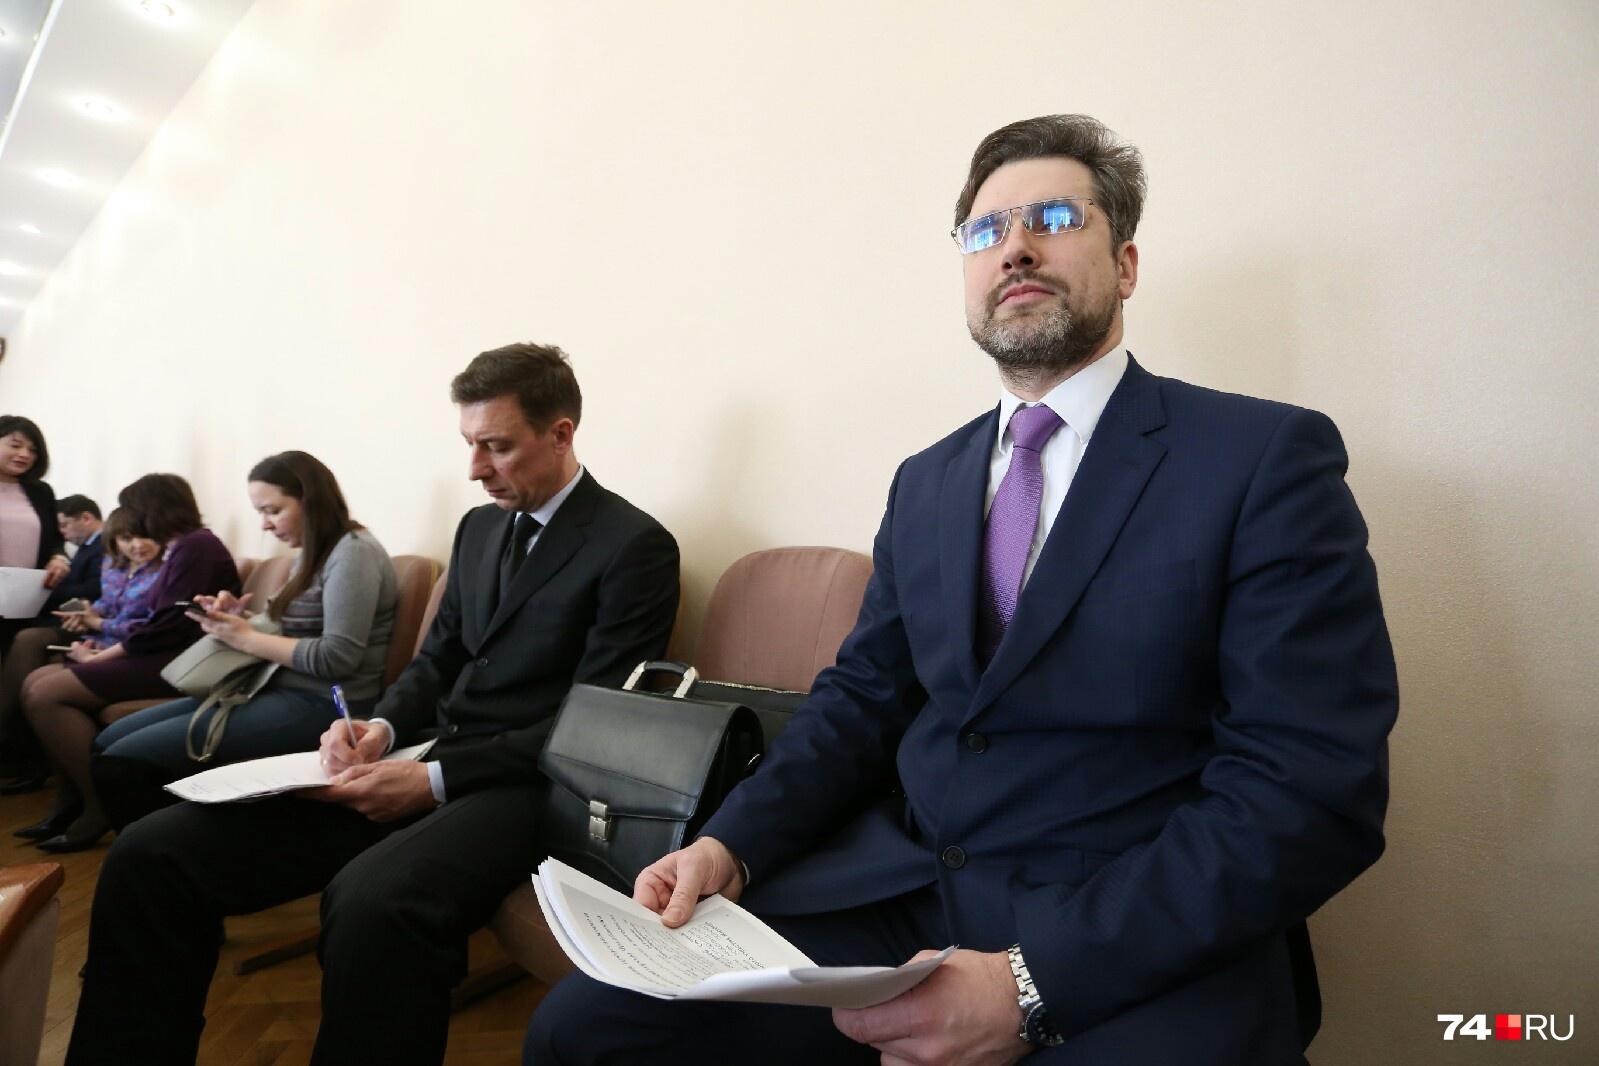 Кандидат Никита Мирный ожидал своего выхода на боковом месте